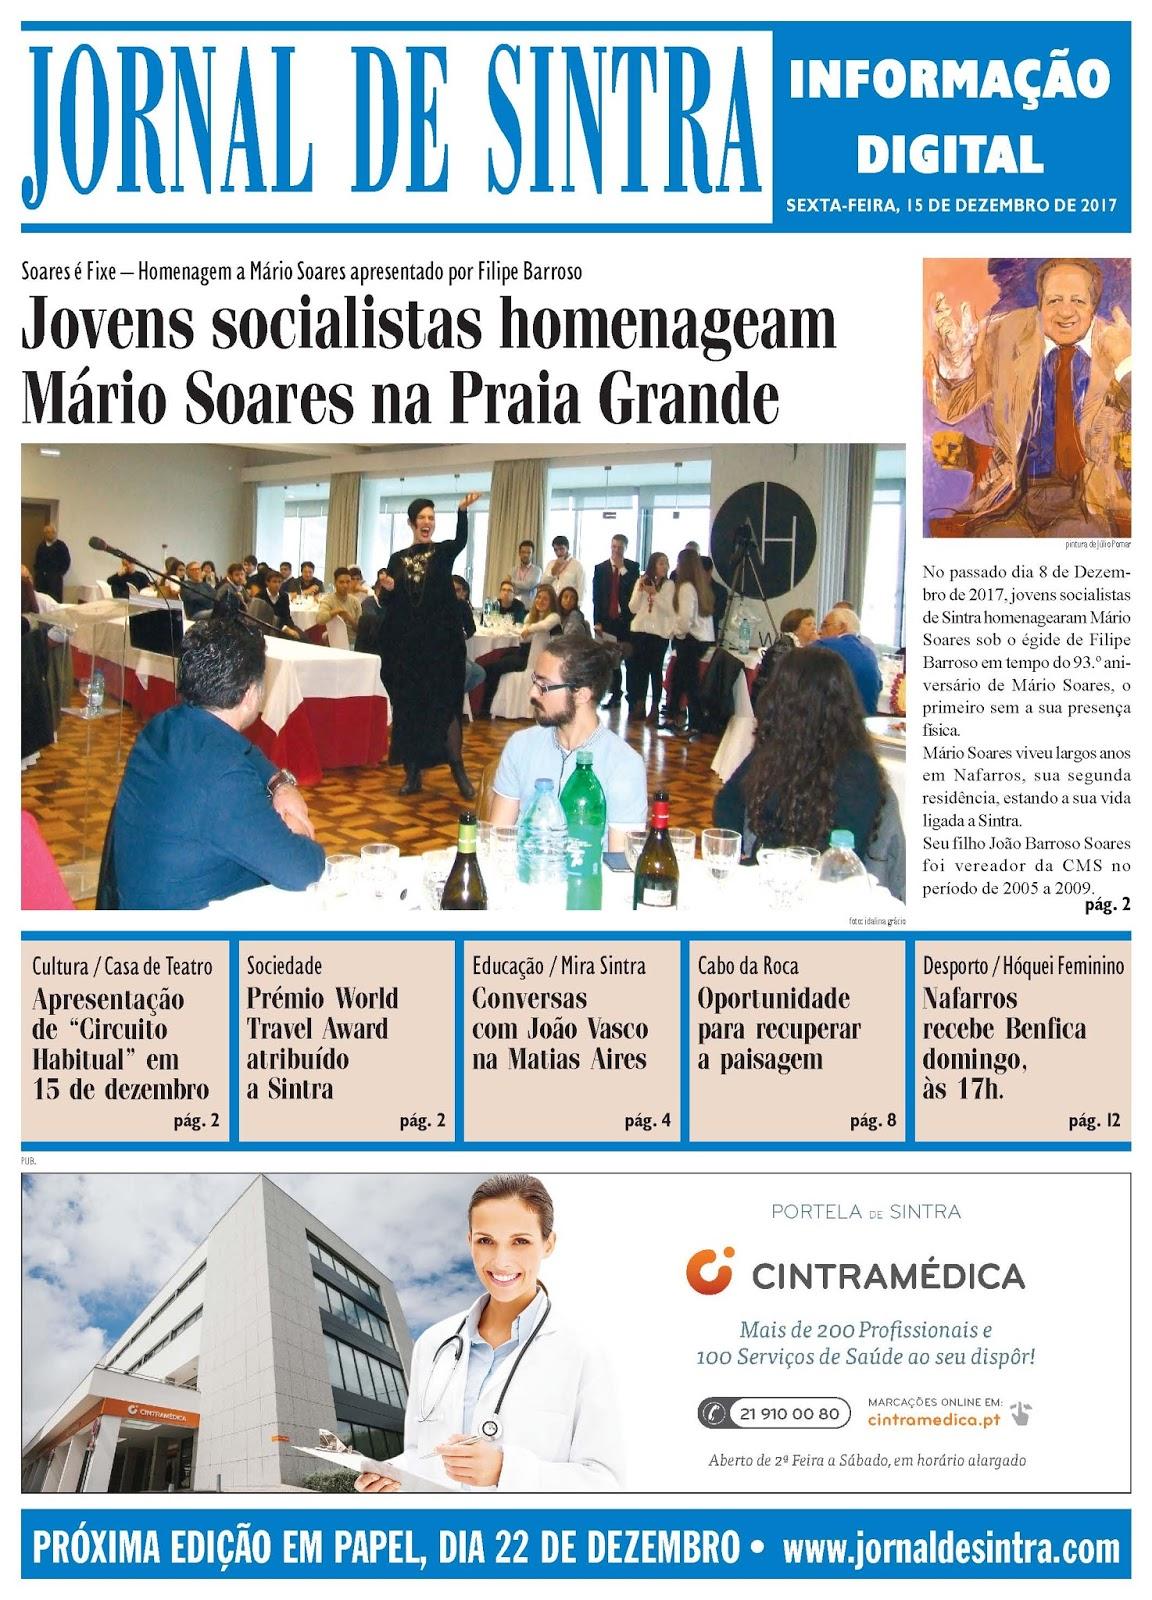 Capa da edição de 15-12-2017